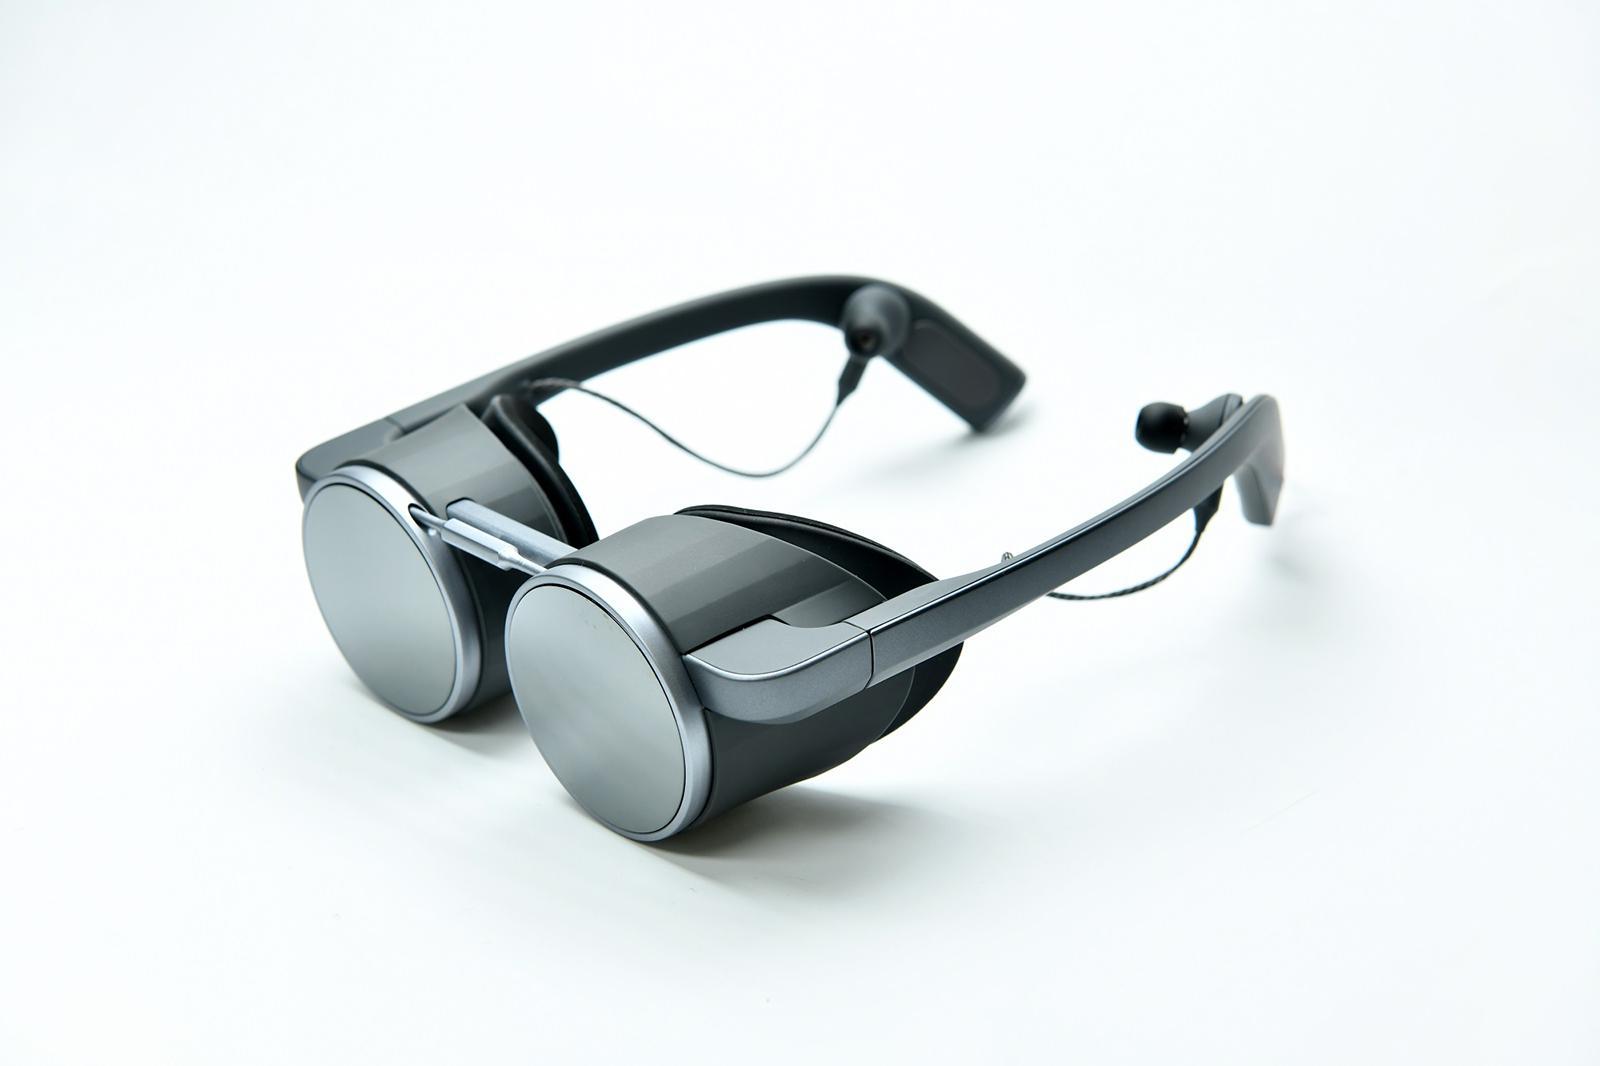 Steampunkové Mad Max brýle od Panasonicu přináší virtuální realitu v UHD rozlišení v HDR kvalitě